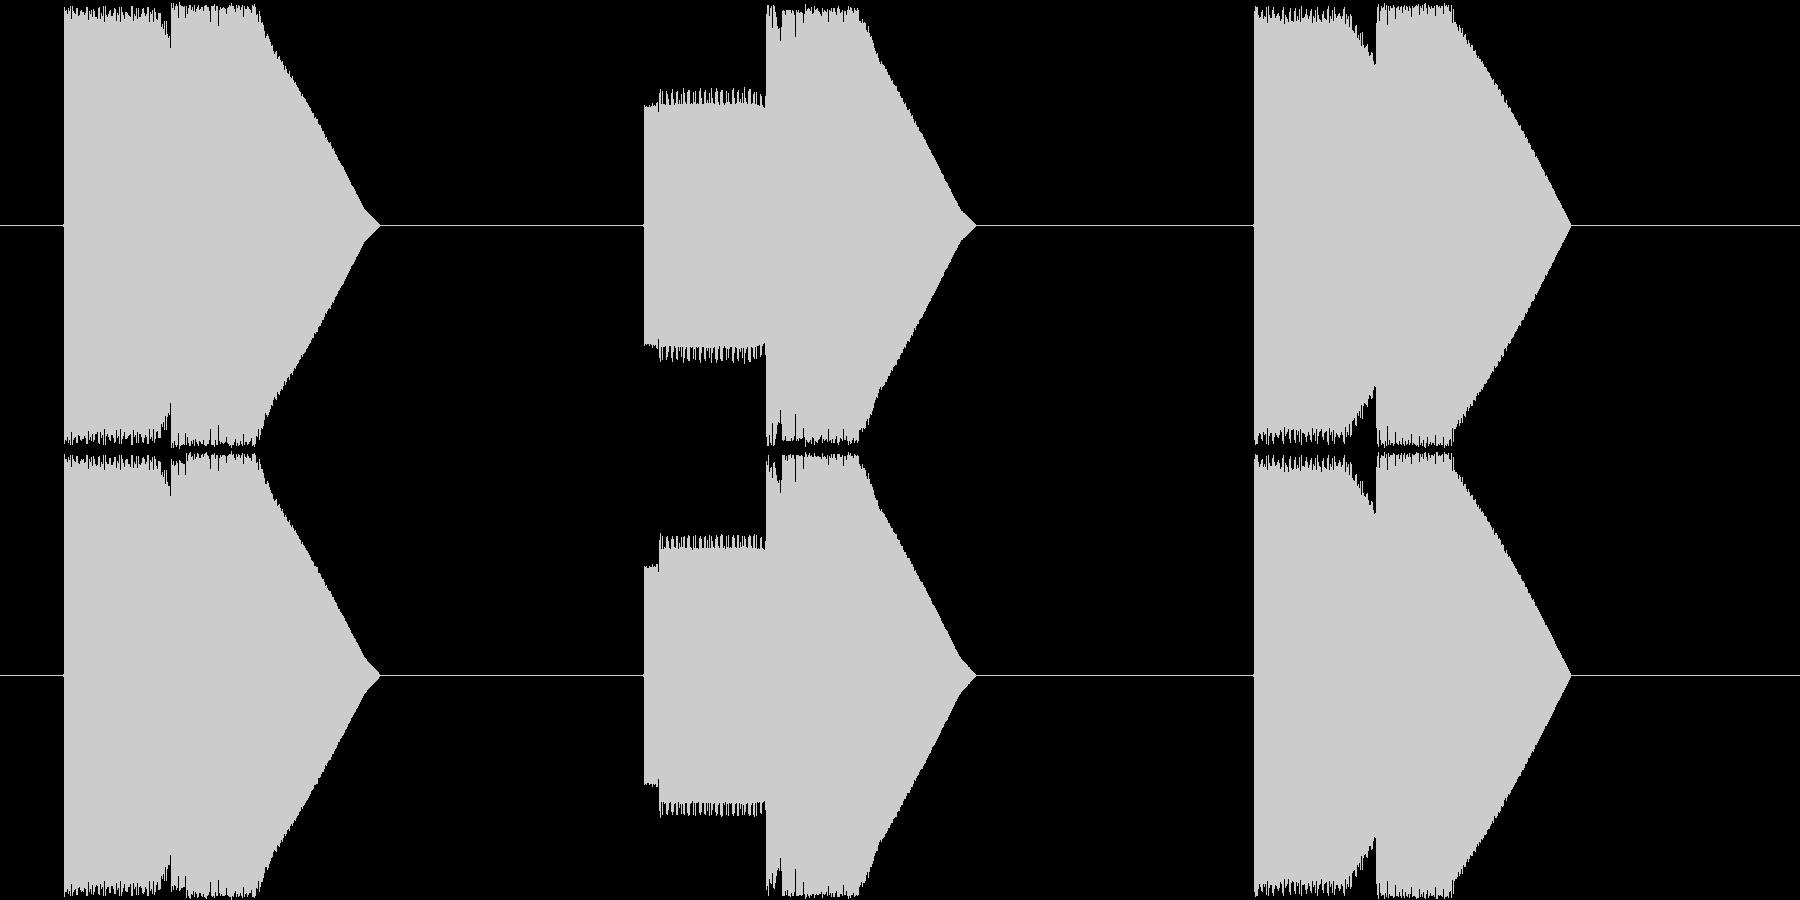 ピコン×3_下降型_エネルギー残少_遭遇の未再生の波形